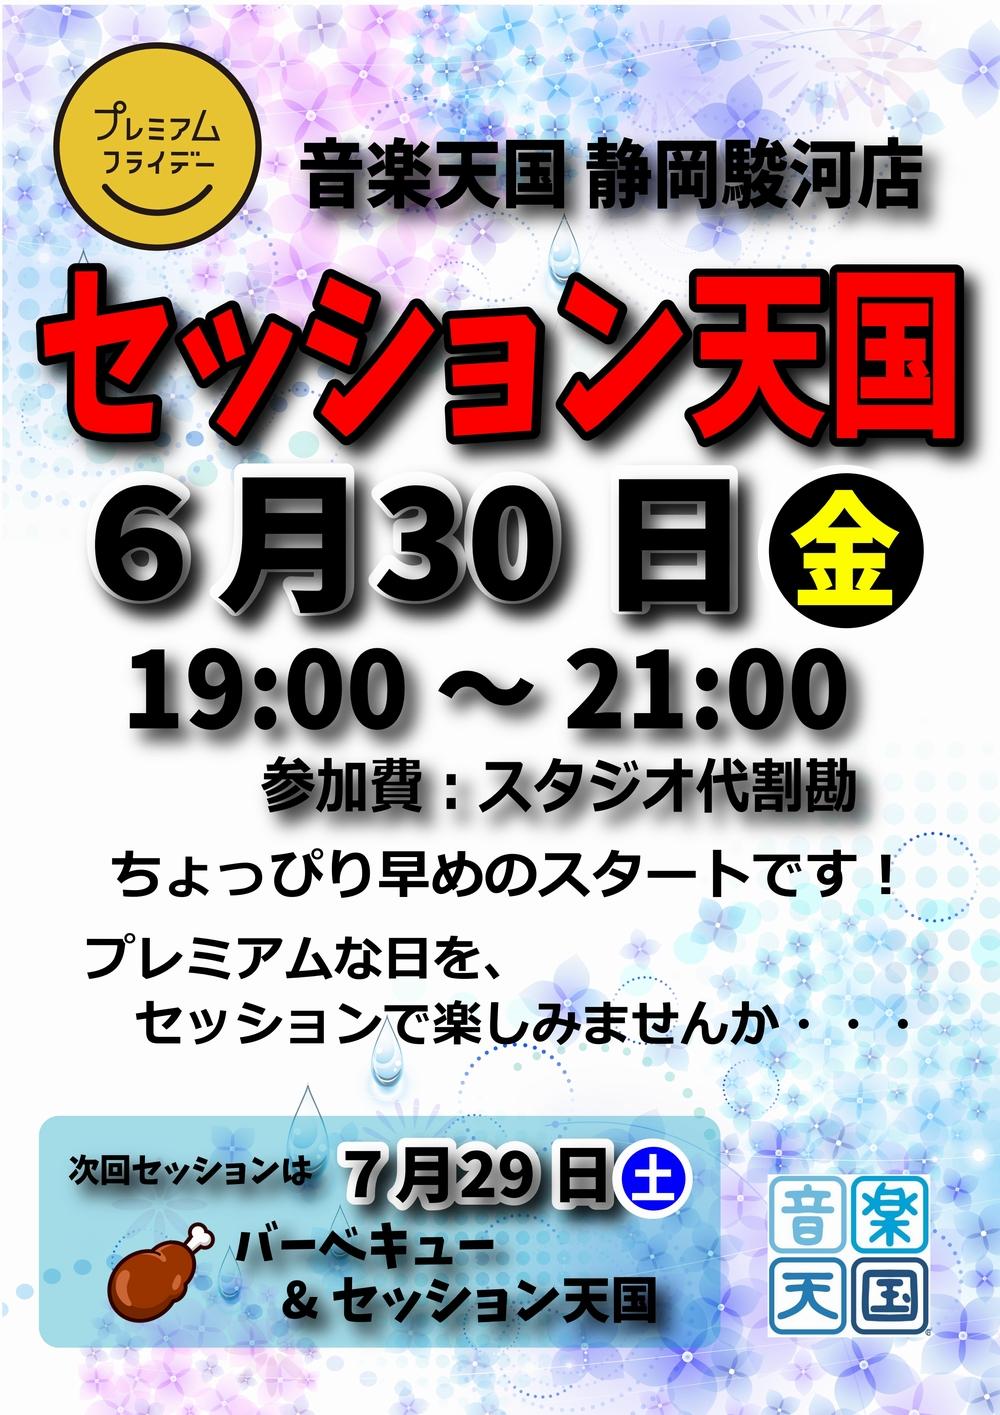 【セッション天国】音楽天国・静岡駿河店6月30日(プレ金)開催